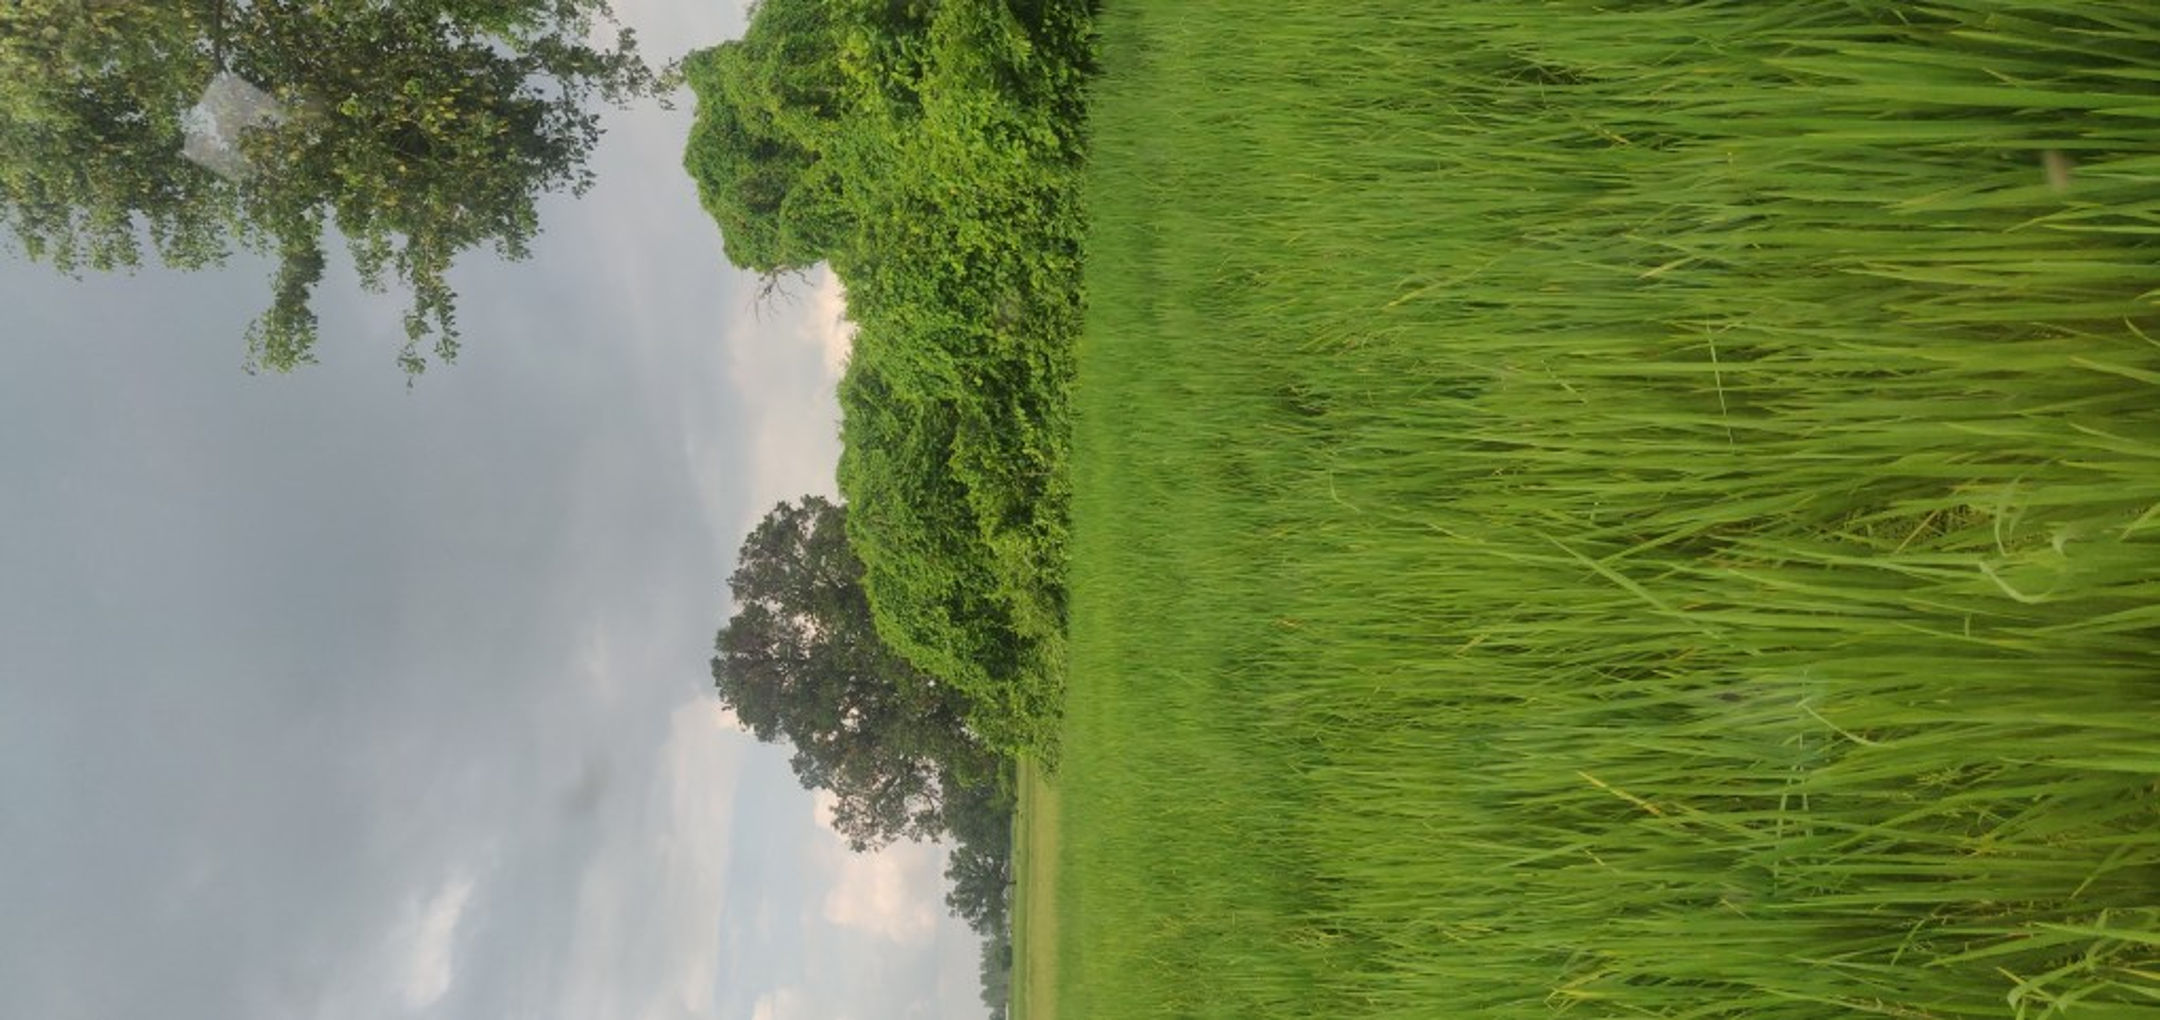 belpar village gorakhpur view of fields